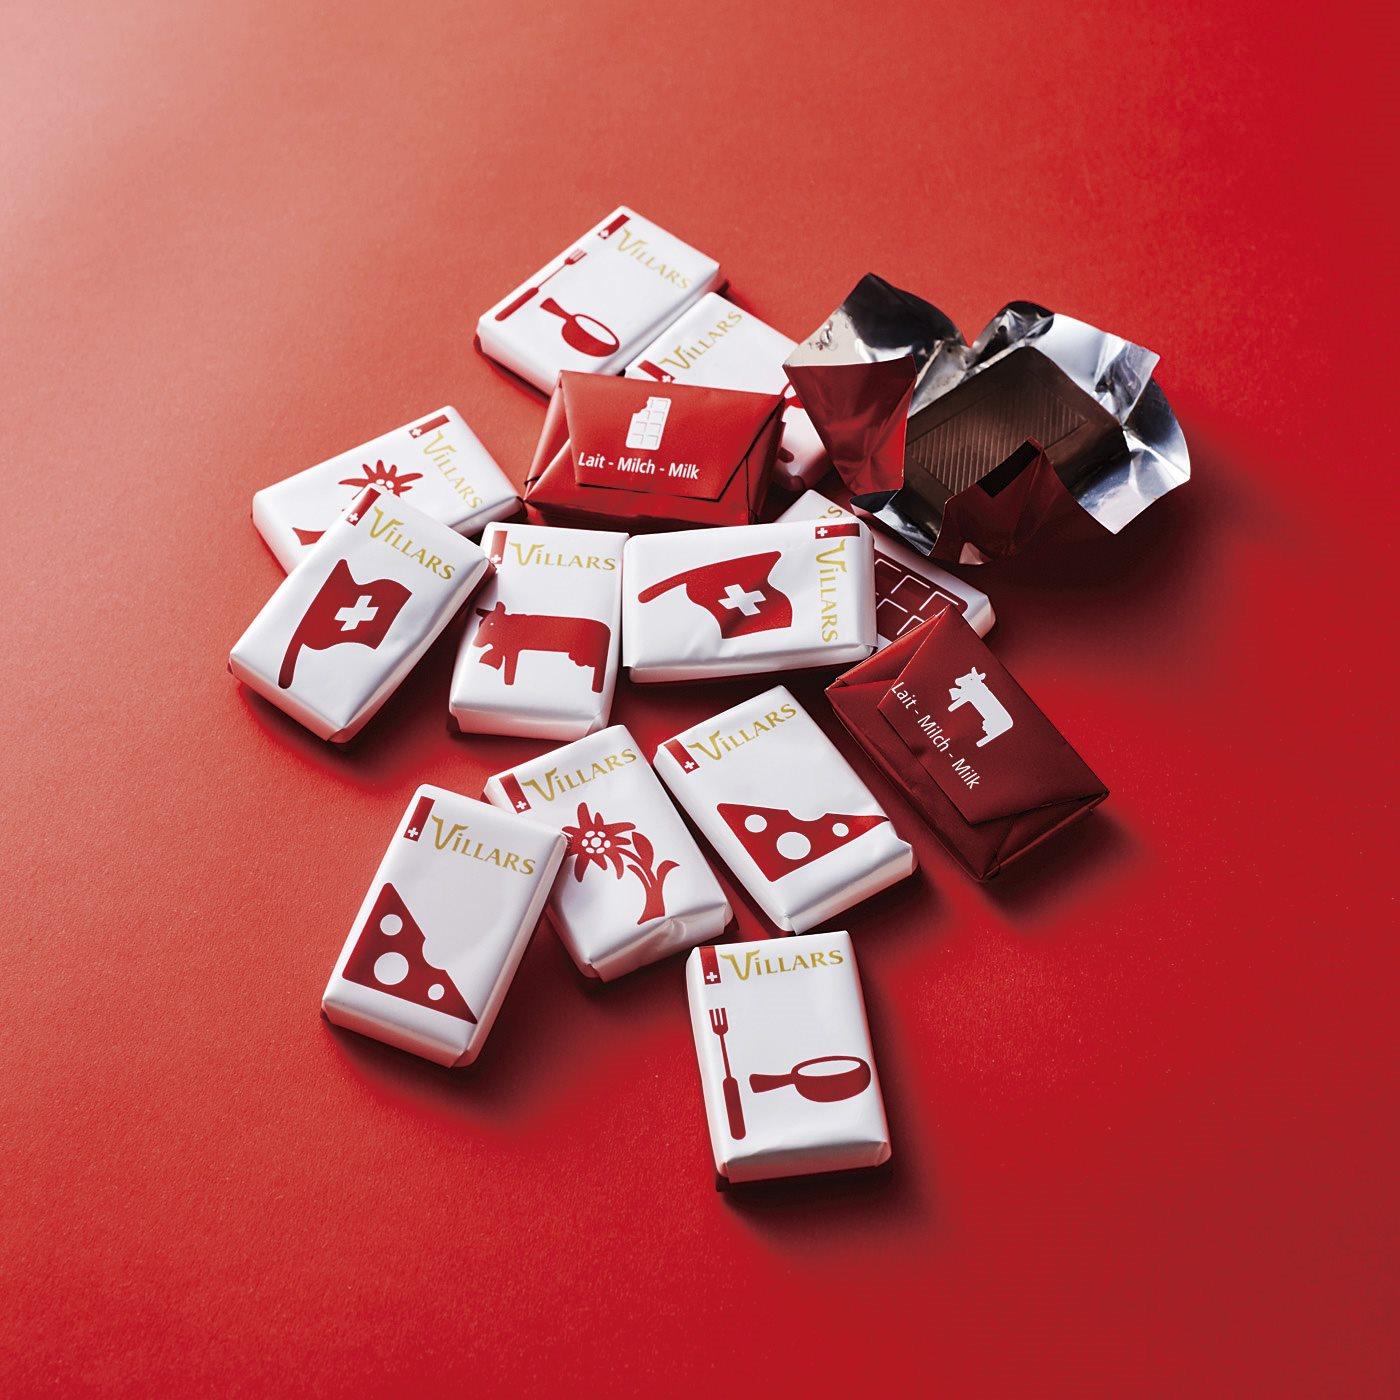 【ホワイトデイお届け】ザ・スイスミルクチョコレート